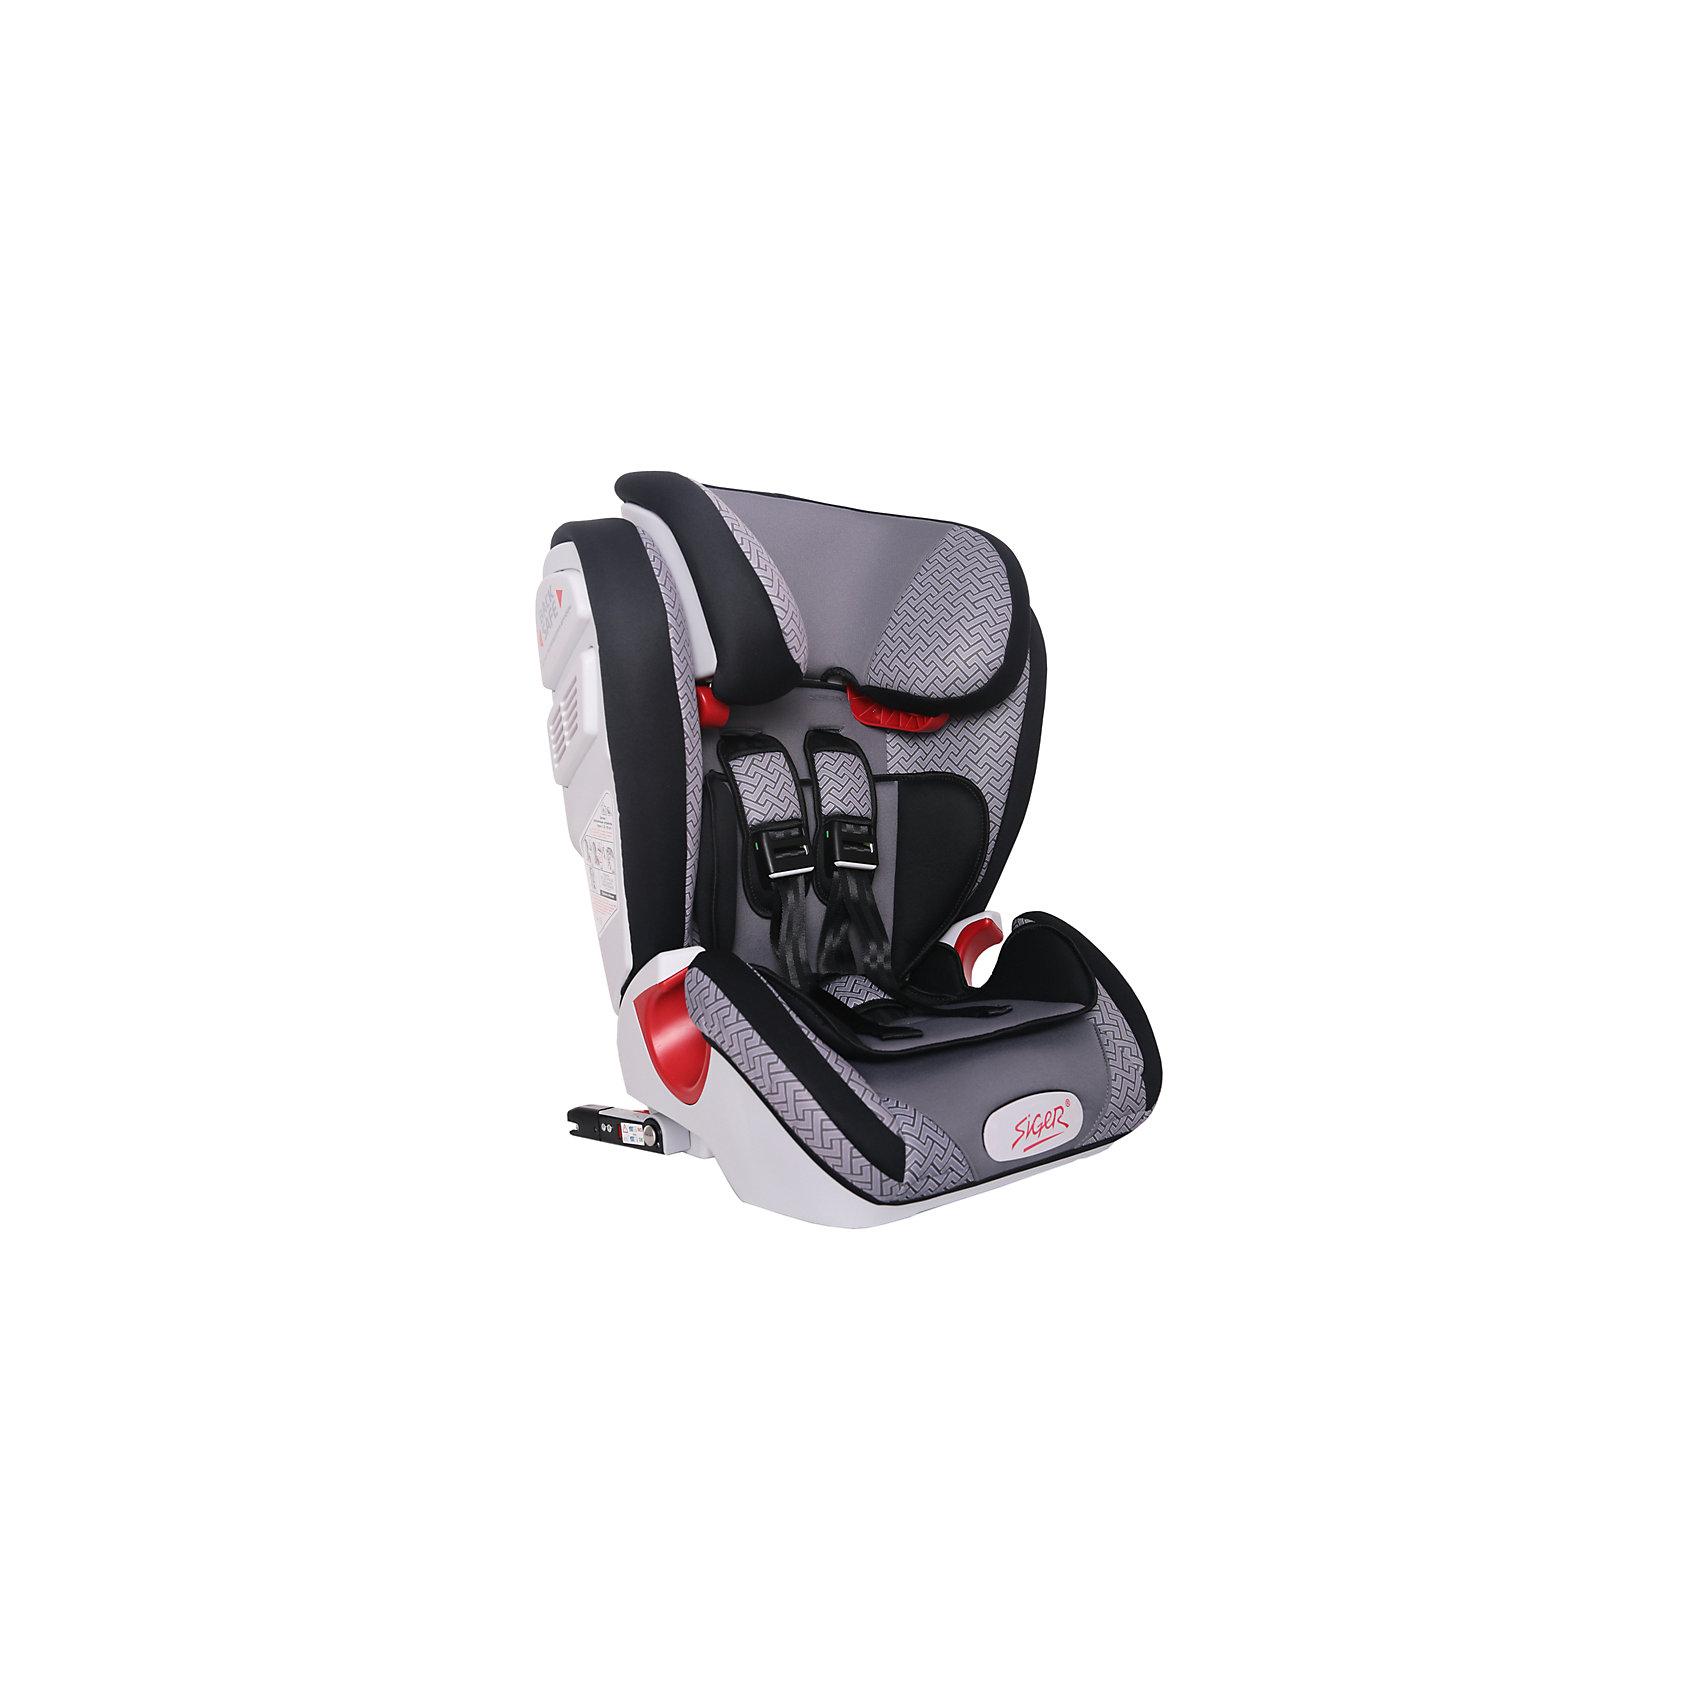 Автокресло Siger Индиго Art Isofix 9-36 кг, серый лабиринтГруппа 1-2-3 (От 9 до 36 кг)<br>Характеристики:<br><br>• группа: 1/2/3;<br>• вес ребенка: 9-36 кг;<br>• возраст ребенка: от 1 года до 12 лет;<br>• способ крепления: Isofix;<br>• способ установки: по ходу движения автомобиля;<br>• 5-ти точечные ремни безопасности, регулируются по длине и высоте;<br>• анатомическая форма кресла;<br>• вкладыш для годовалого ребенка;<br>• регулируемый по высоте подголовник;<br>• усиленная защита от боковых ударов;<br>• чехол снимается и стирается при температуре 30 градусов;<br>• материал: пластик, полиэстер;<br>• размер автокресла: 51х43,3х63,4 см;<br>• вес автокресла: 8,3 кг.<br><br>Автокресло группы 1-2-3 предназначено для детей в возрасте от года до 12 лет. Автокресло устанавливается на заднем сидении автомобиля лицом по ходу движения автомобиля, крепится с помощью системы Изофикс. Кресло универсальное: и годовалому крохе будет уютно в кресле, и подросток будет чувствовать себя комфортно – благодаря анатомической форме кресельной чаши, широким боковинам, регулируемому подголовнику, вкладышу для малышей. <br><br>Автокресло Индиго Art Isofix 9-36 кг., SIGER, серый лабиринт можно купить в нашем интернет-магазине.<br><br>Ширина мм: 430<br>Глубина мм: 511<br>Высота мм: 631<br>Вес г: 8300<br>Возраст от месяцев: 12<br>Возраст до месяцев: 144<br>Пол: Унисекс<br>Возраст: Детский<br>SKU: 5409382